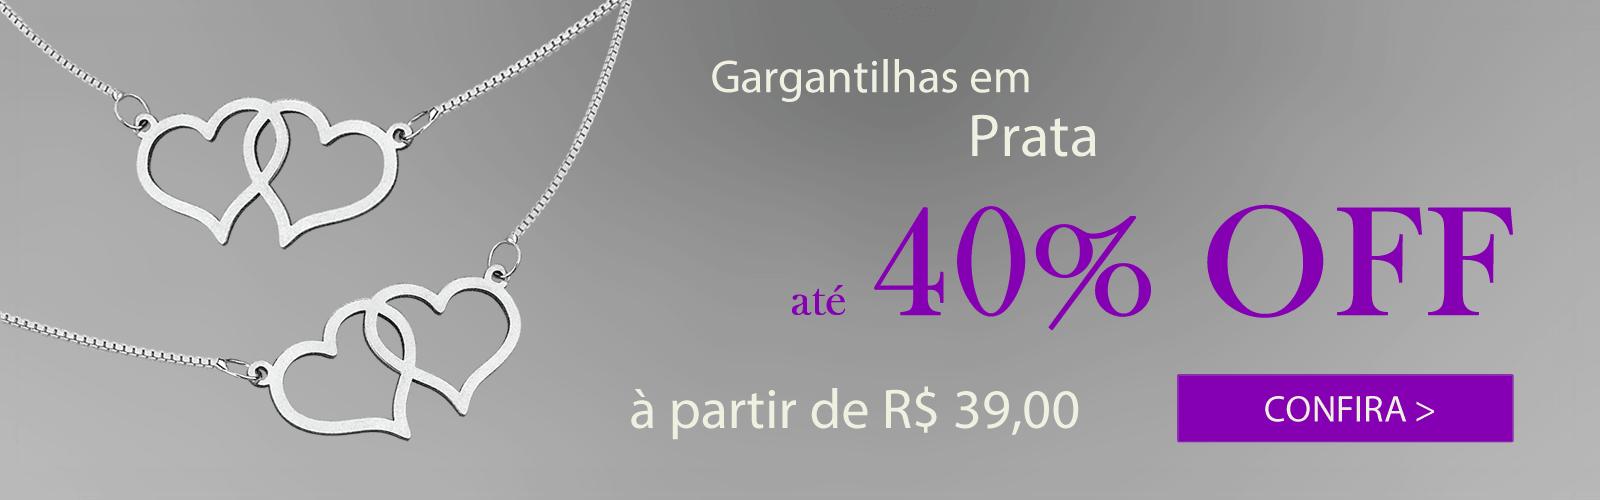 Gargantilhas 40% OFF